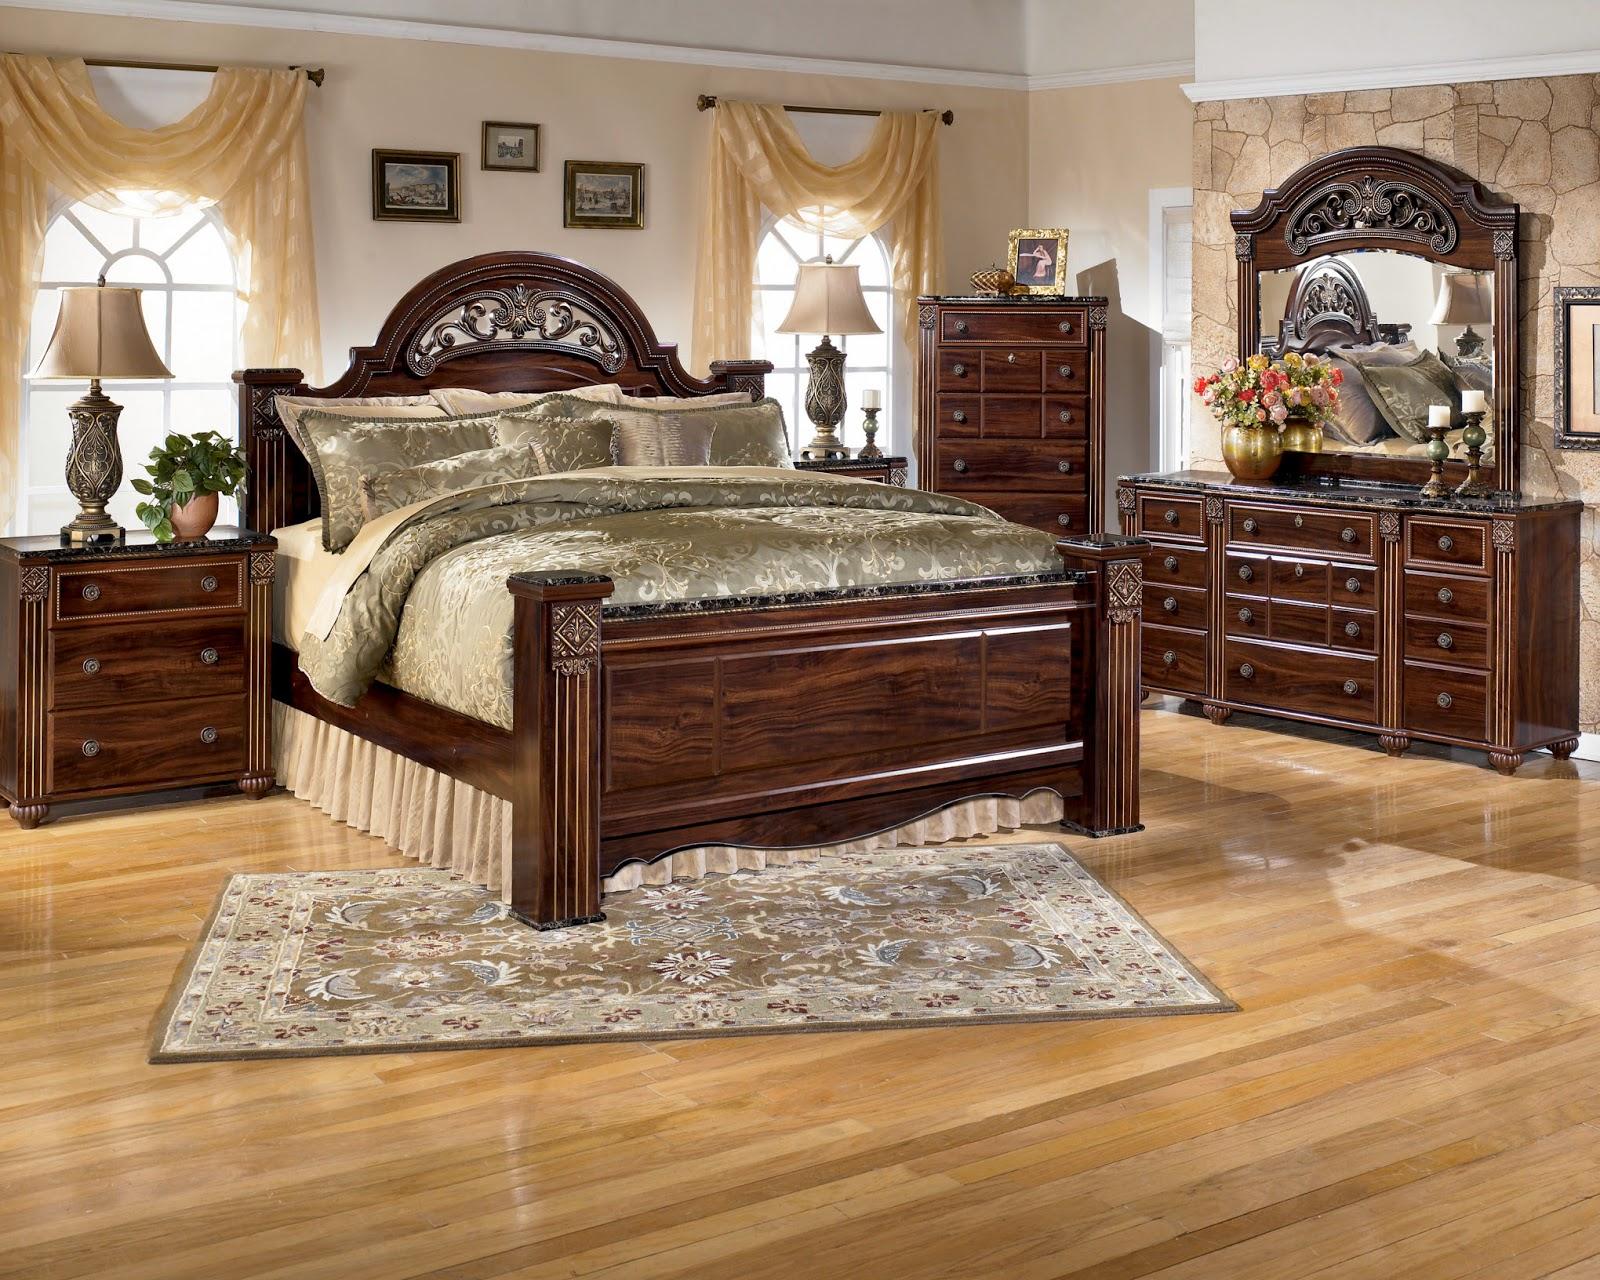 Bedroom+Furniture+Sets8.jpg